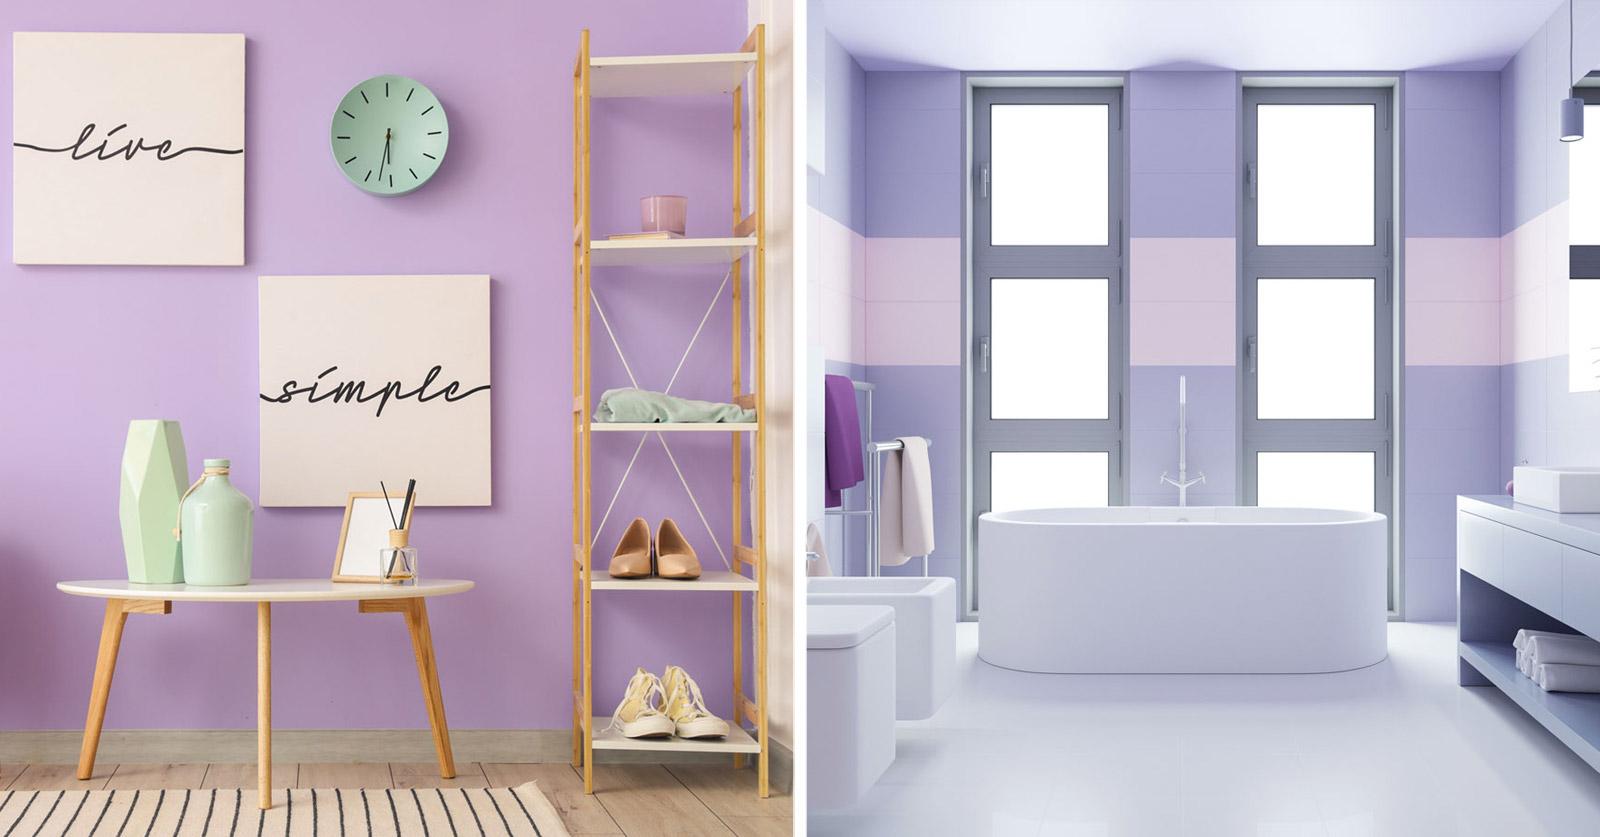 Color malva per le pareti.